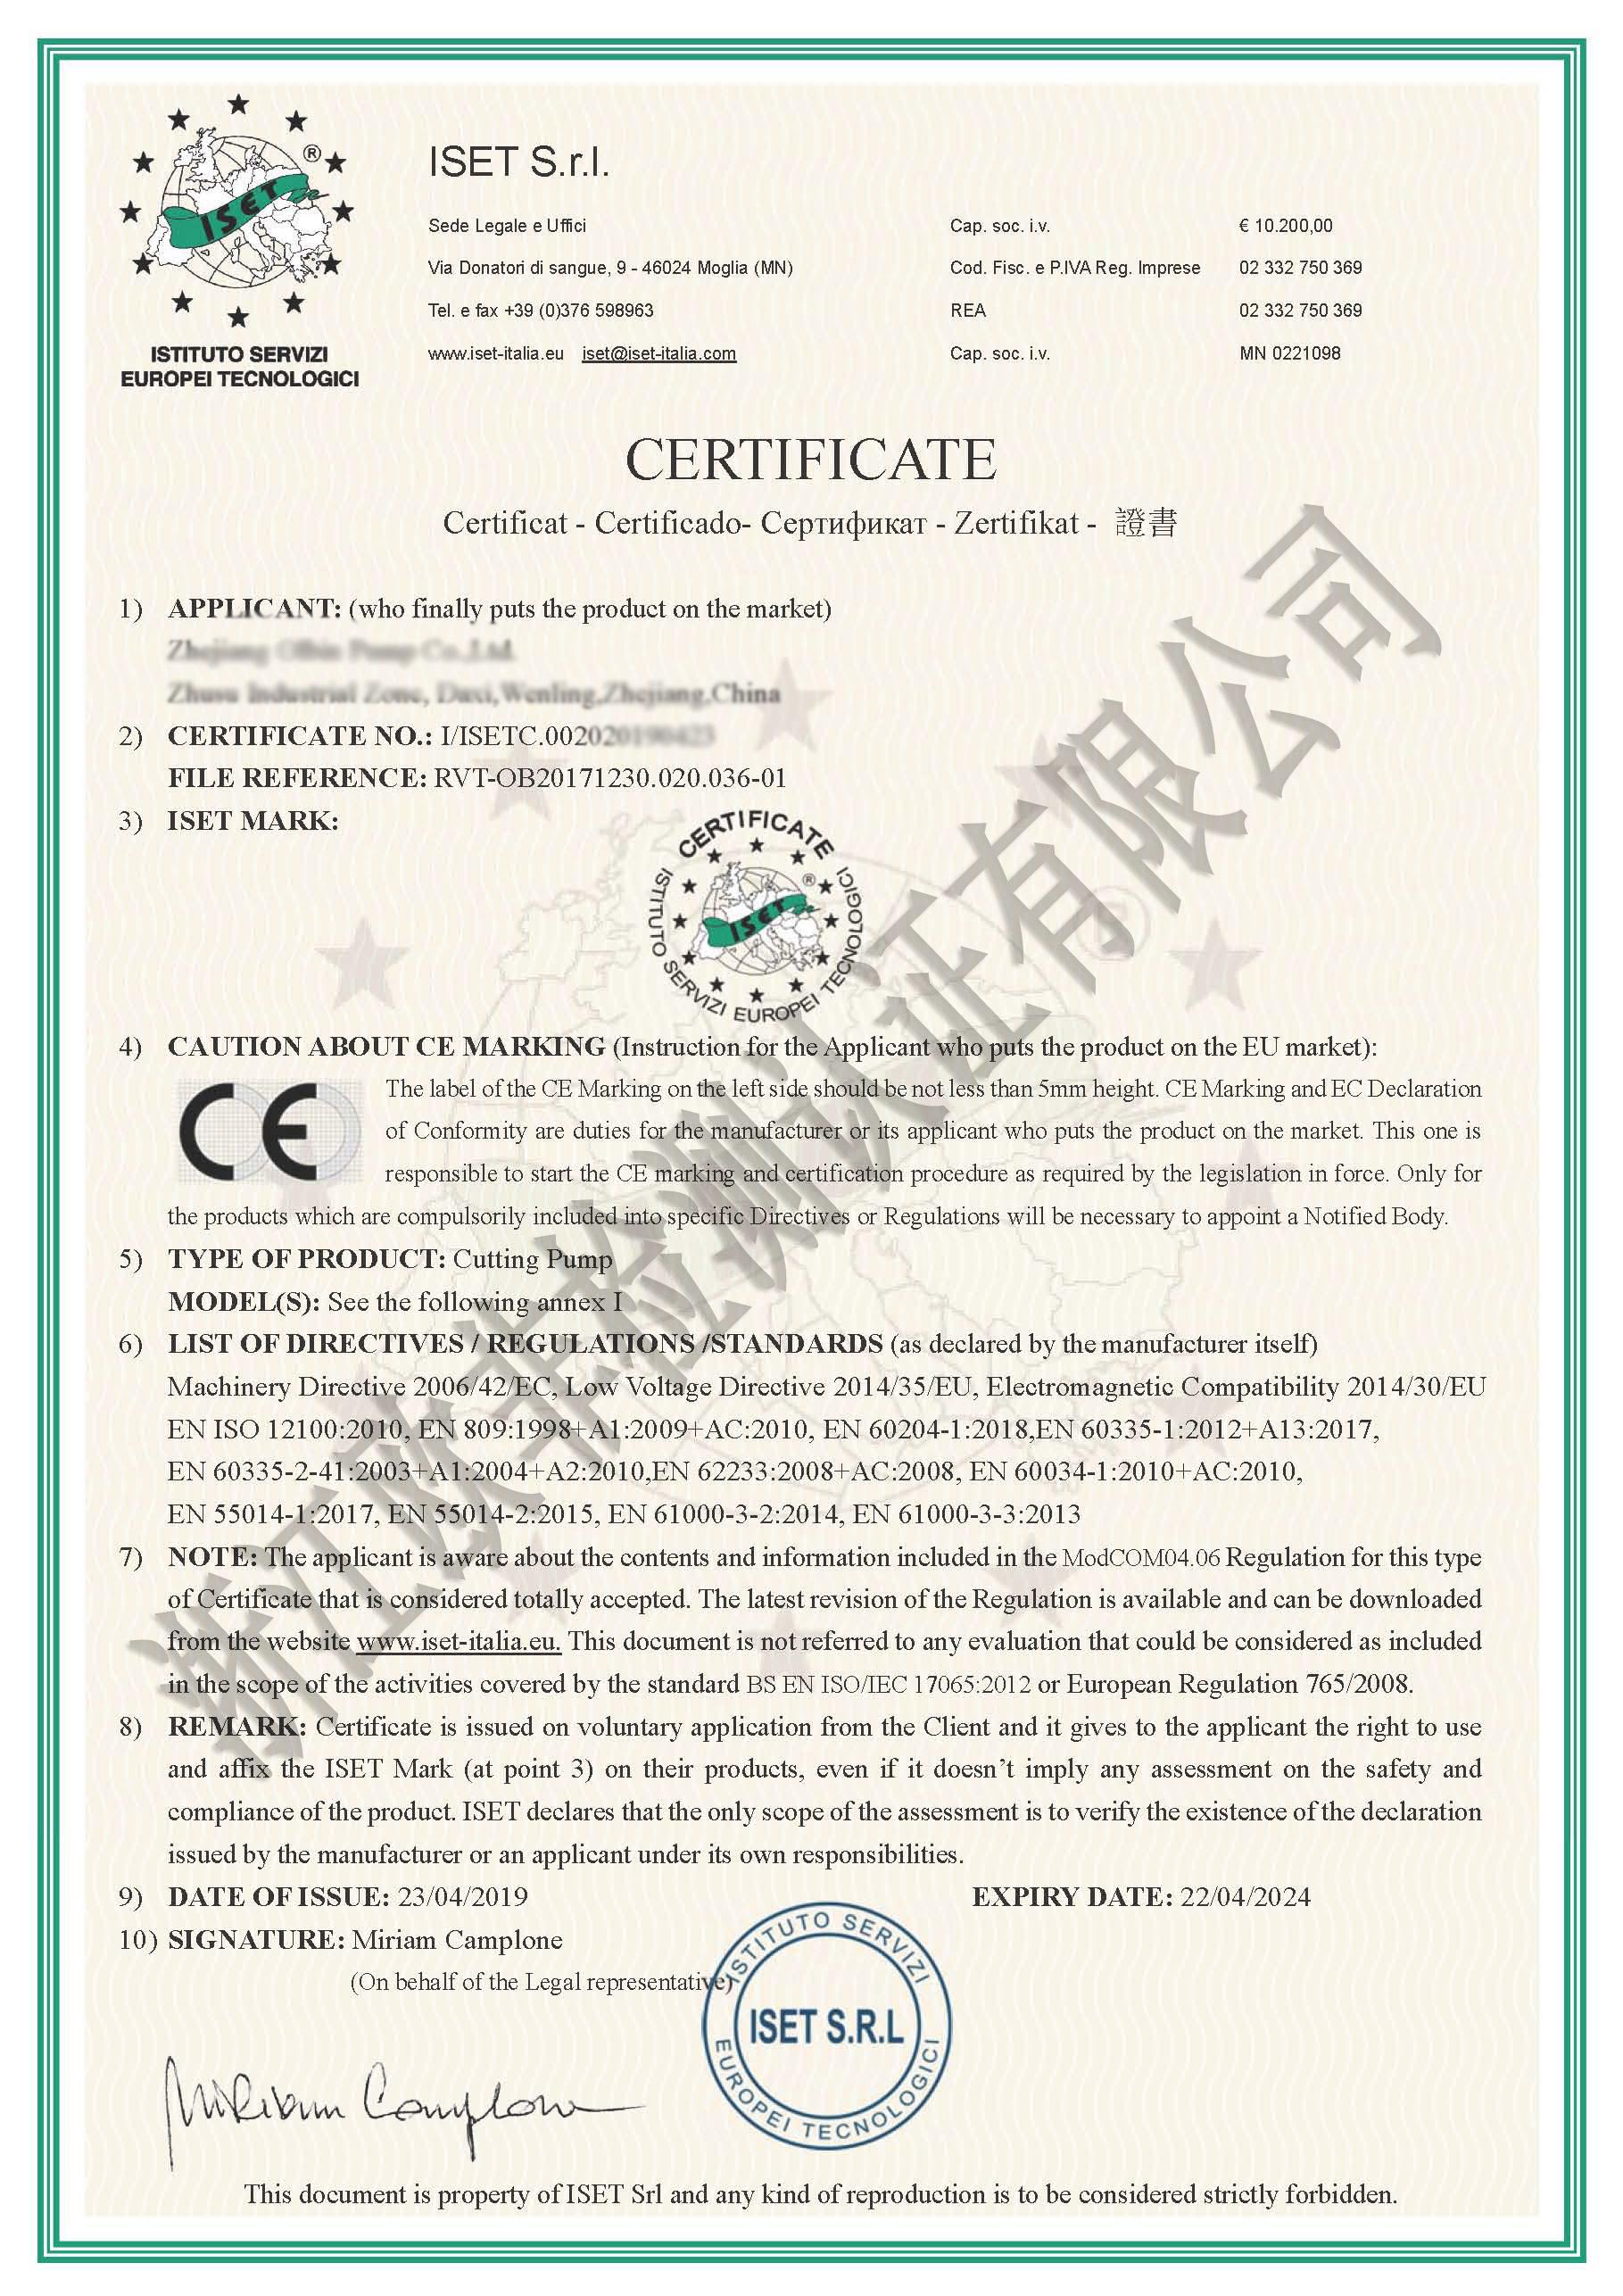 欧盟CE证书-ISET